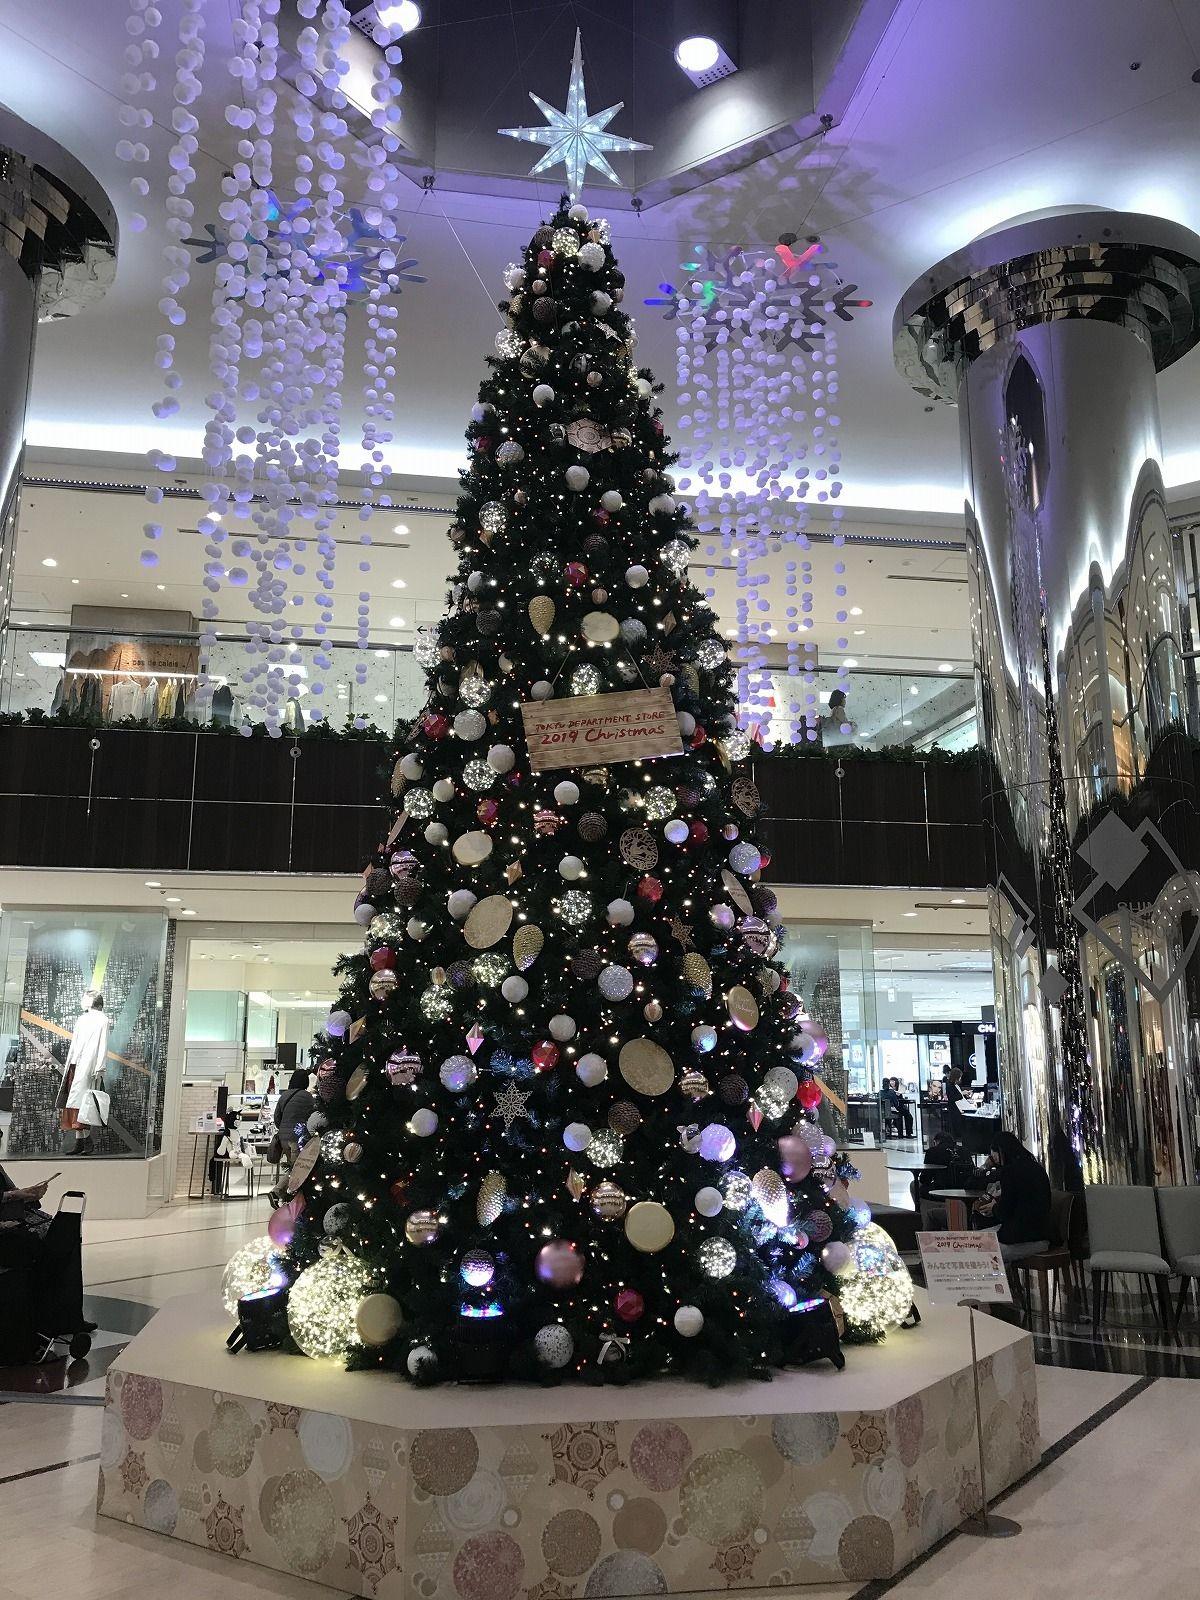 たまプラーザ東急デパート内のクリスマスツリー